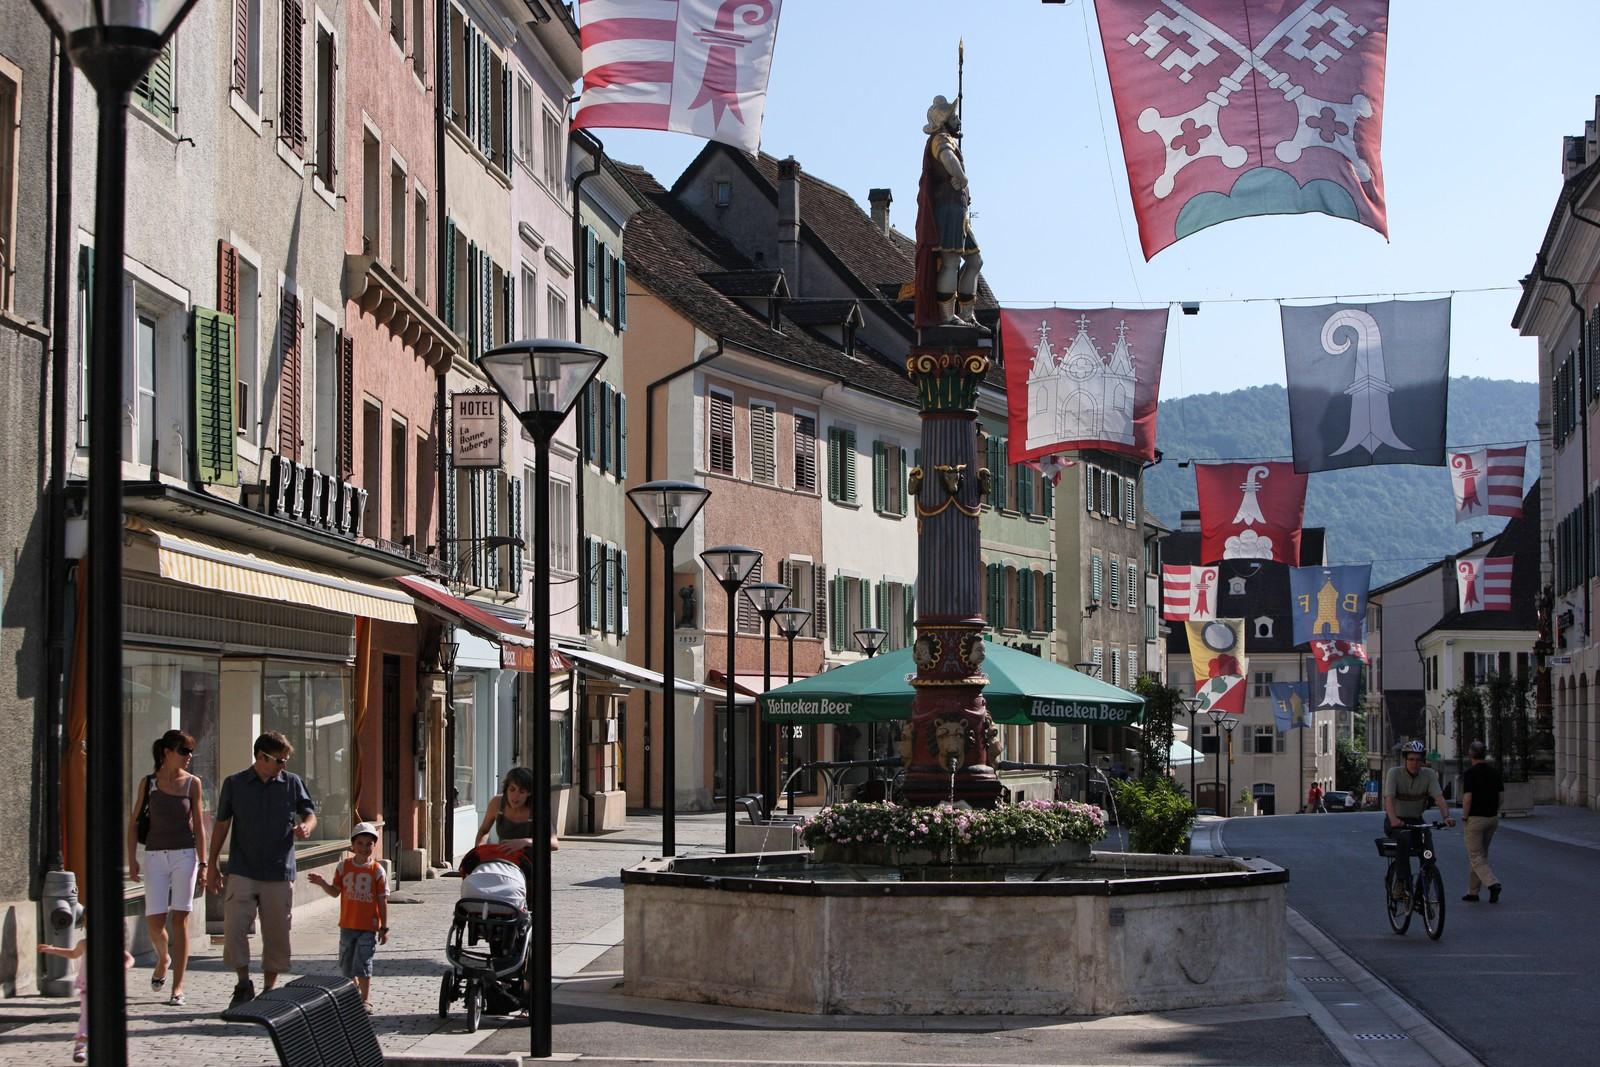 Fermeture des bars, restaurants et cafés à 22 h dans le Jura suisse